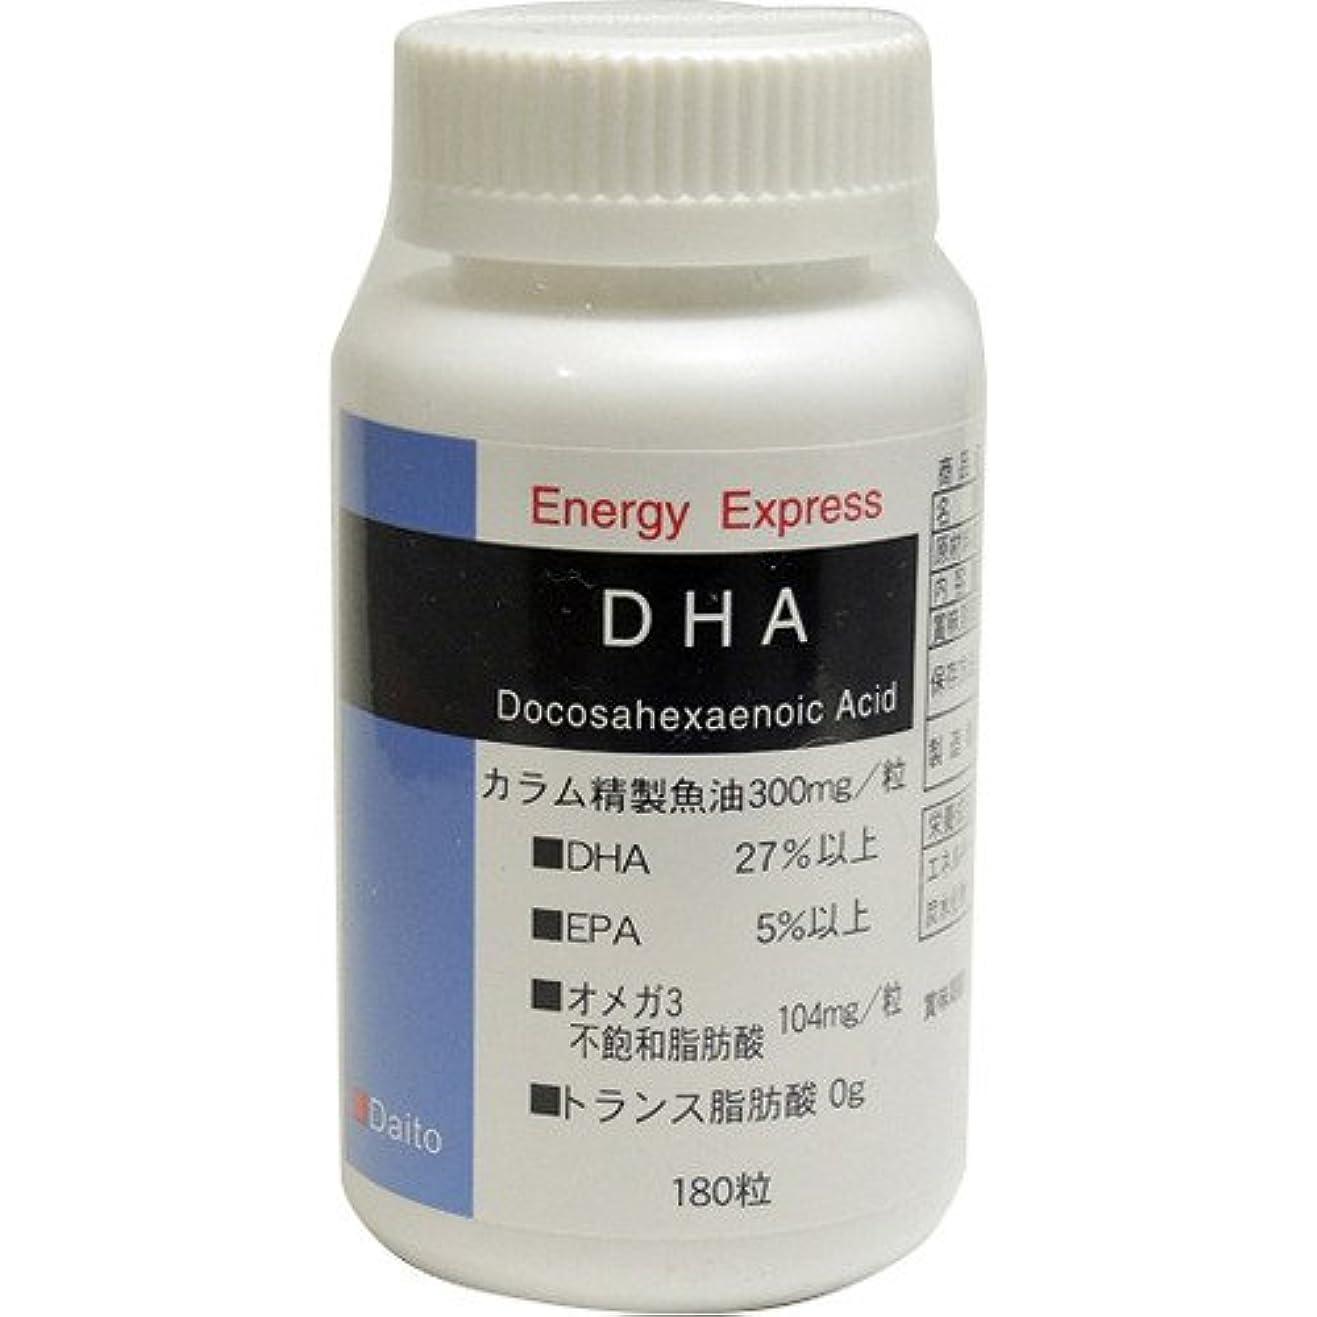 強打植生ディスパッチダイトー水産 エナジーエキスプレス DHA 445mg×180粒入り